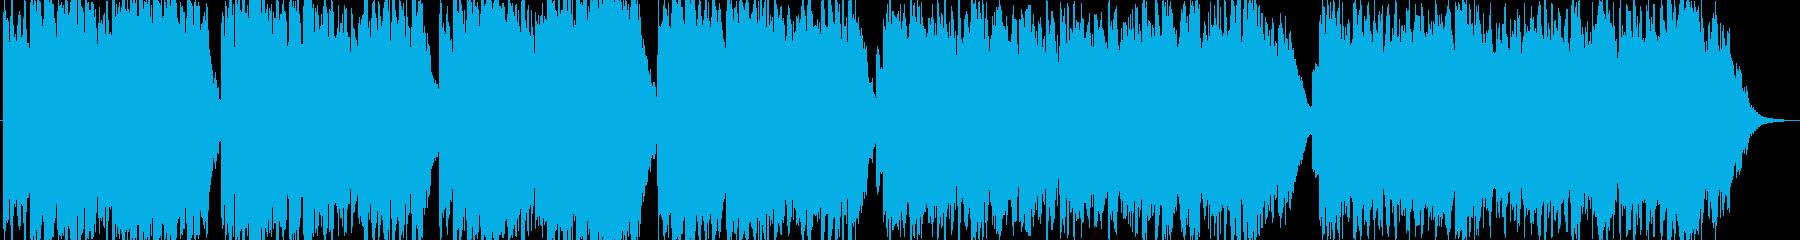 カルリ作曲のAndantinoですの再生済みの波形